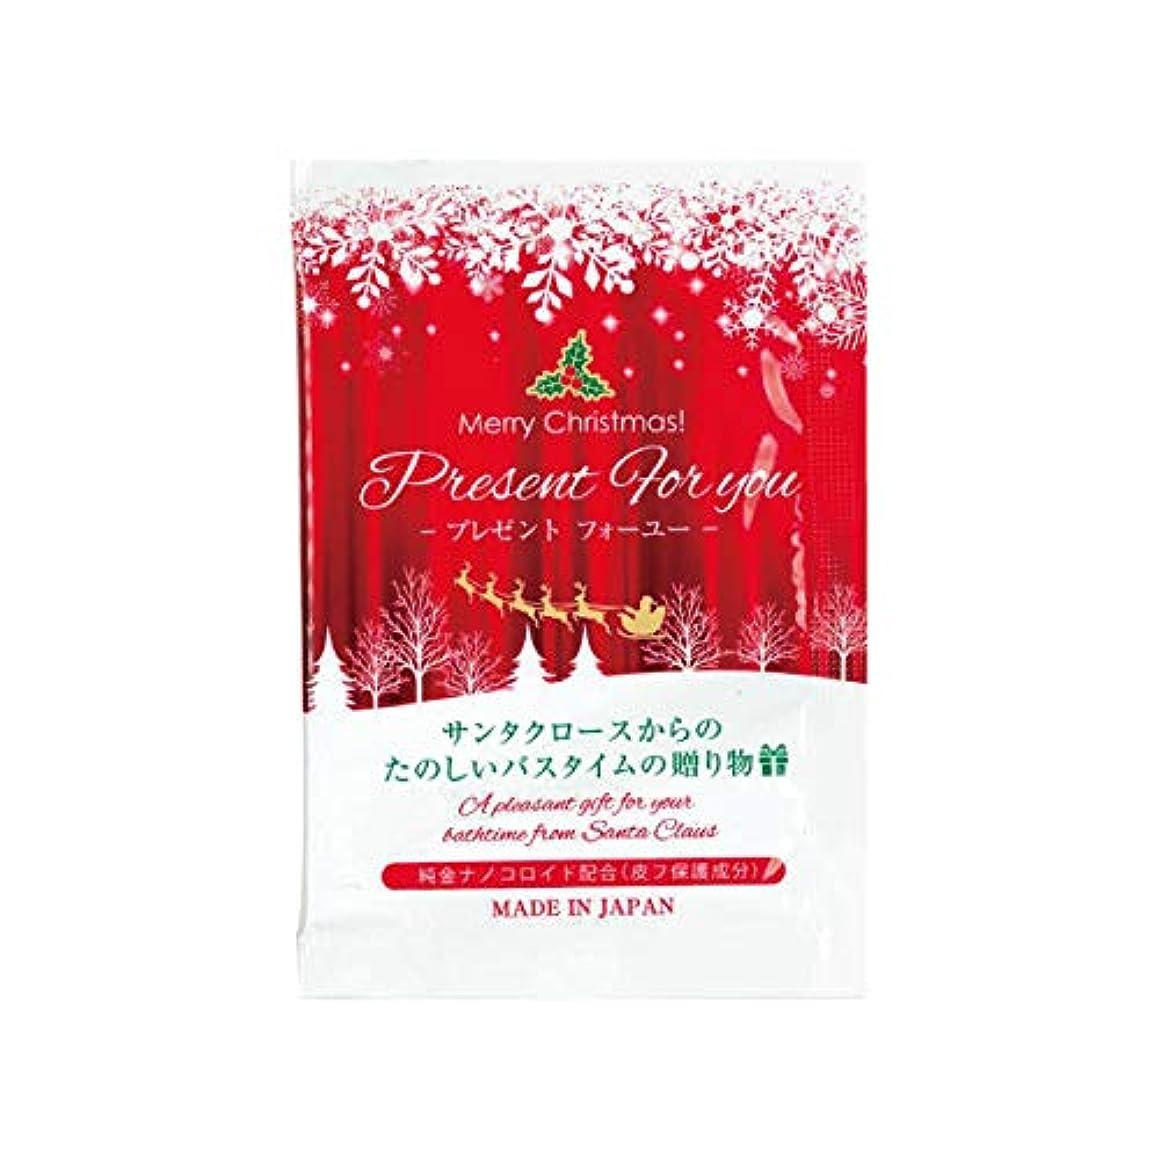 サリーお祝い最大の入浴剤 メリークリスマス プレゼントフォーユー 40個